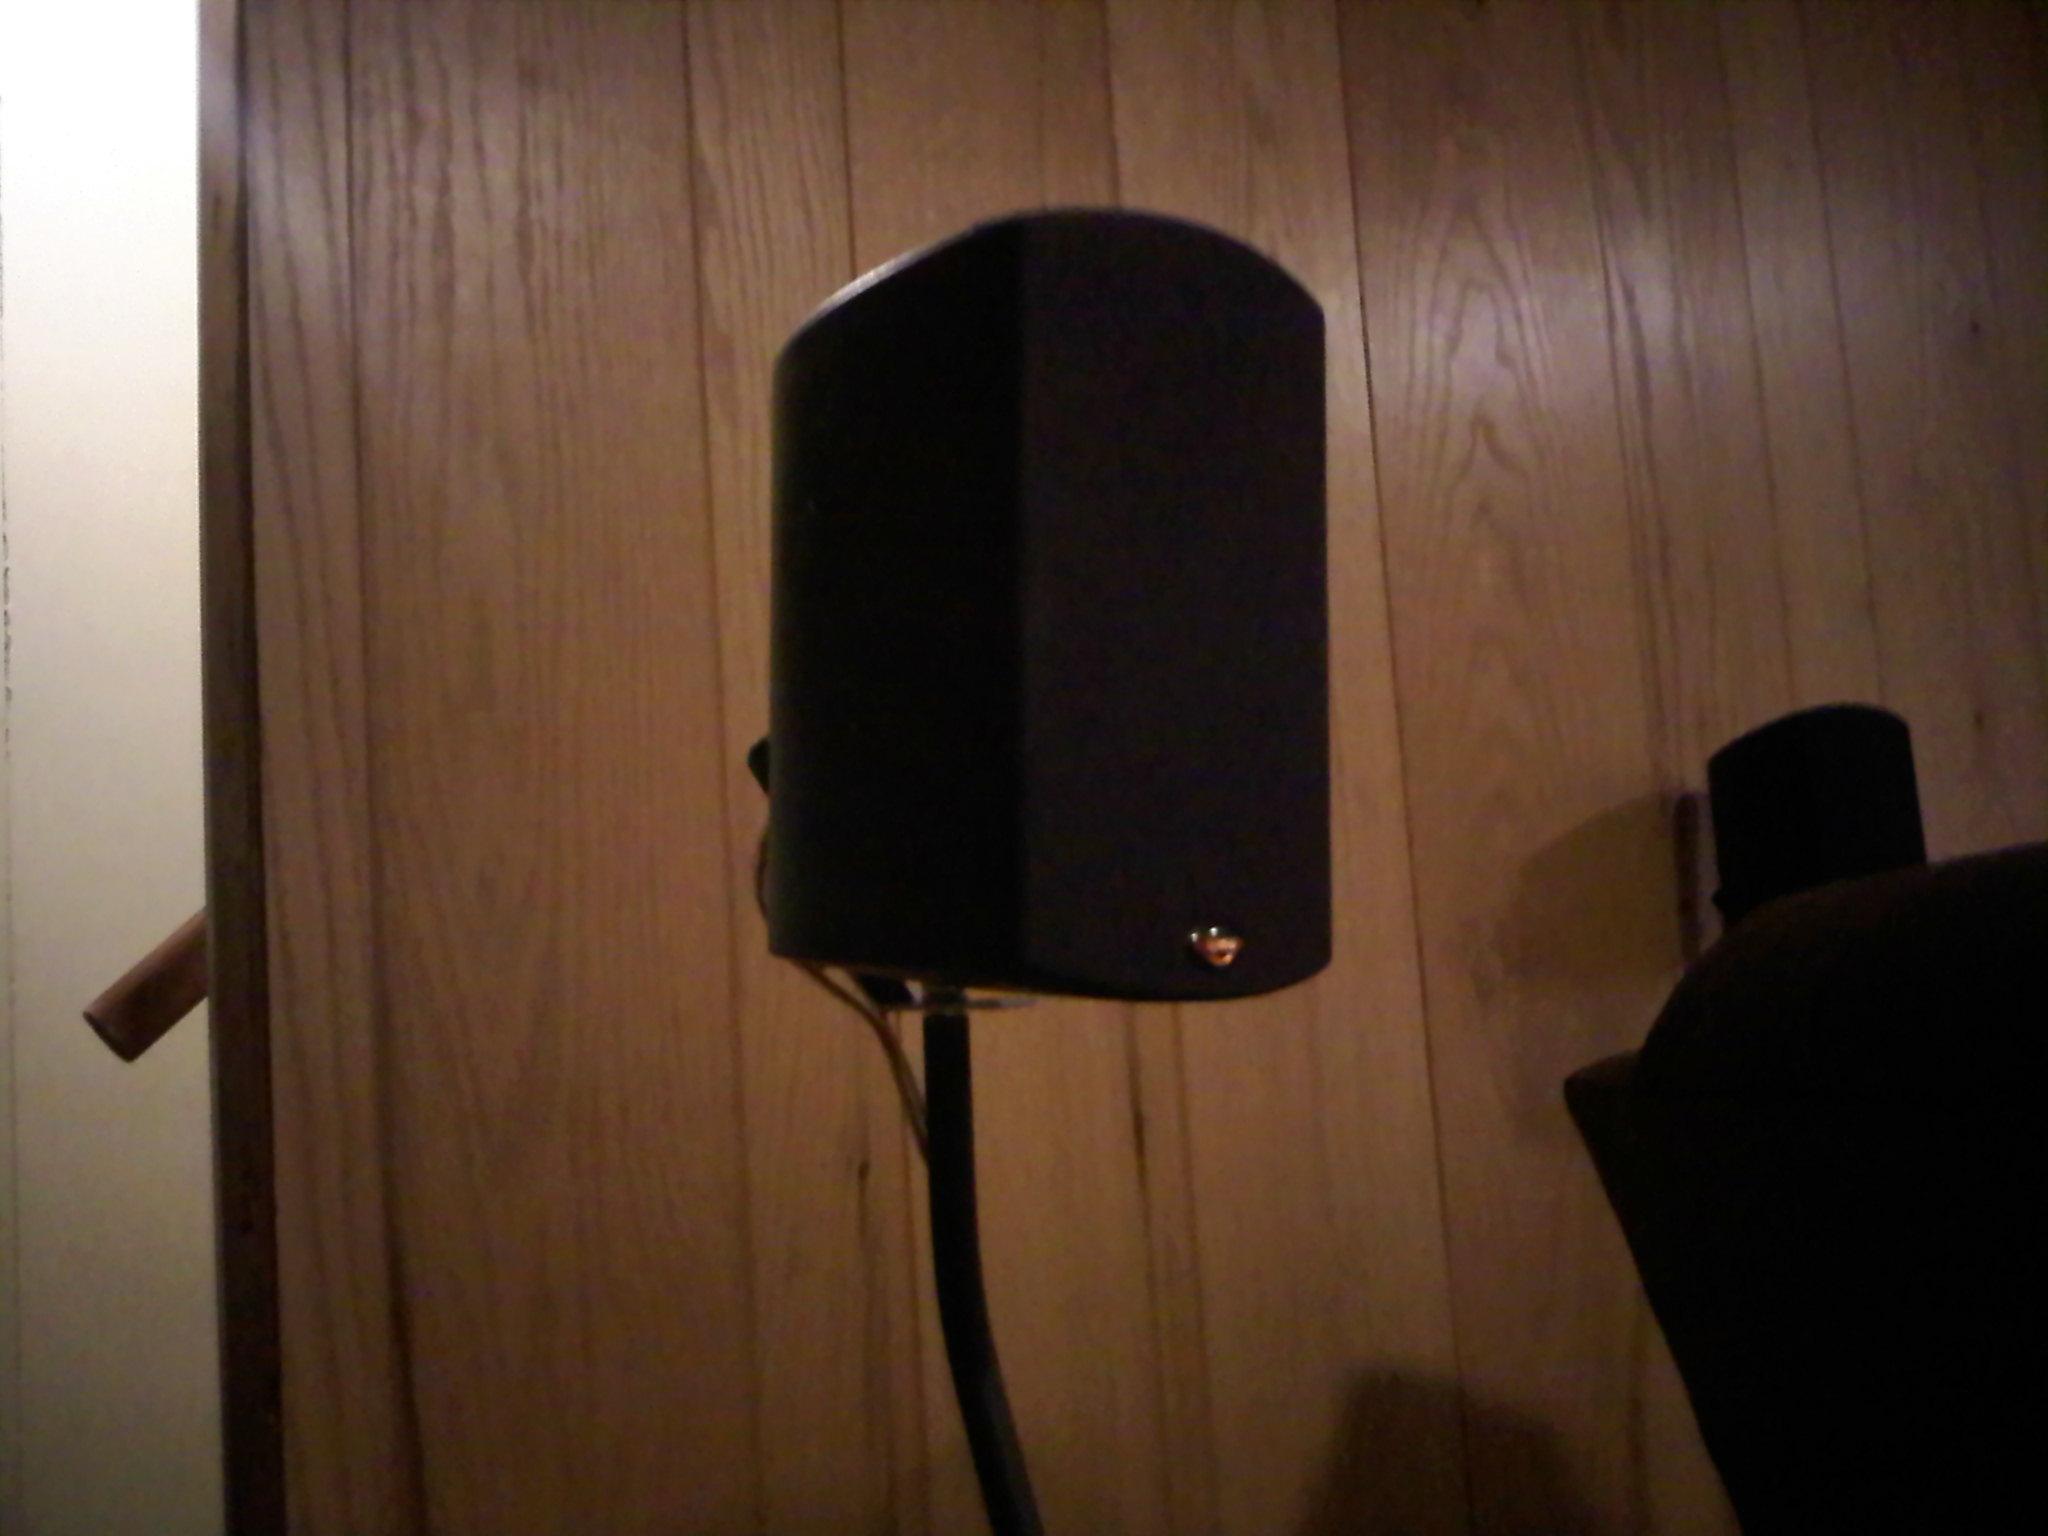 klipsch quintet speakers. post-40006-13819524755154_thumb.jpg klipsch quintet speakers